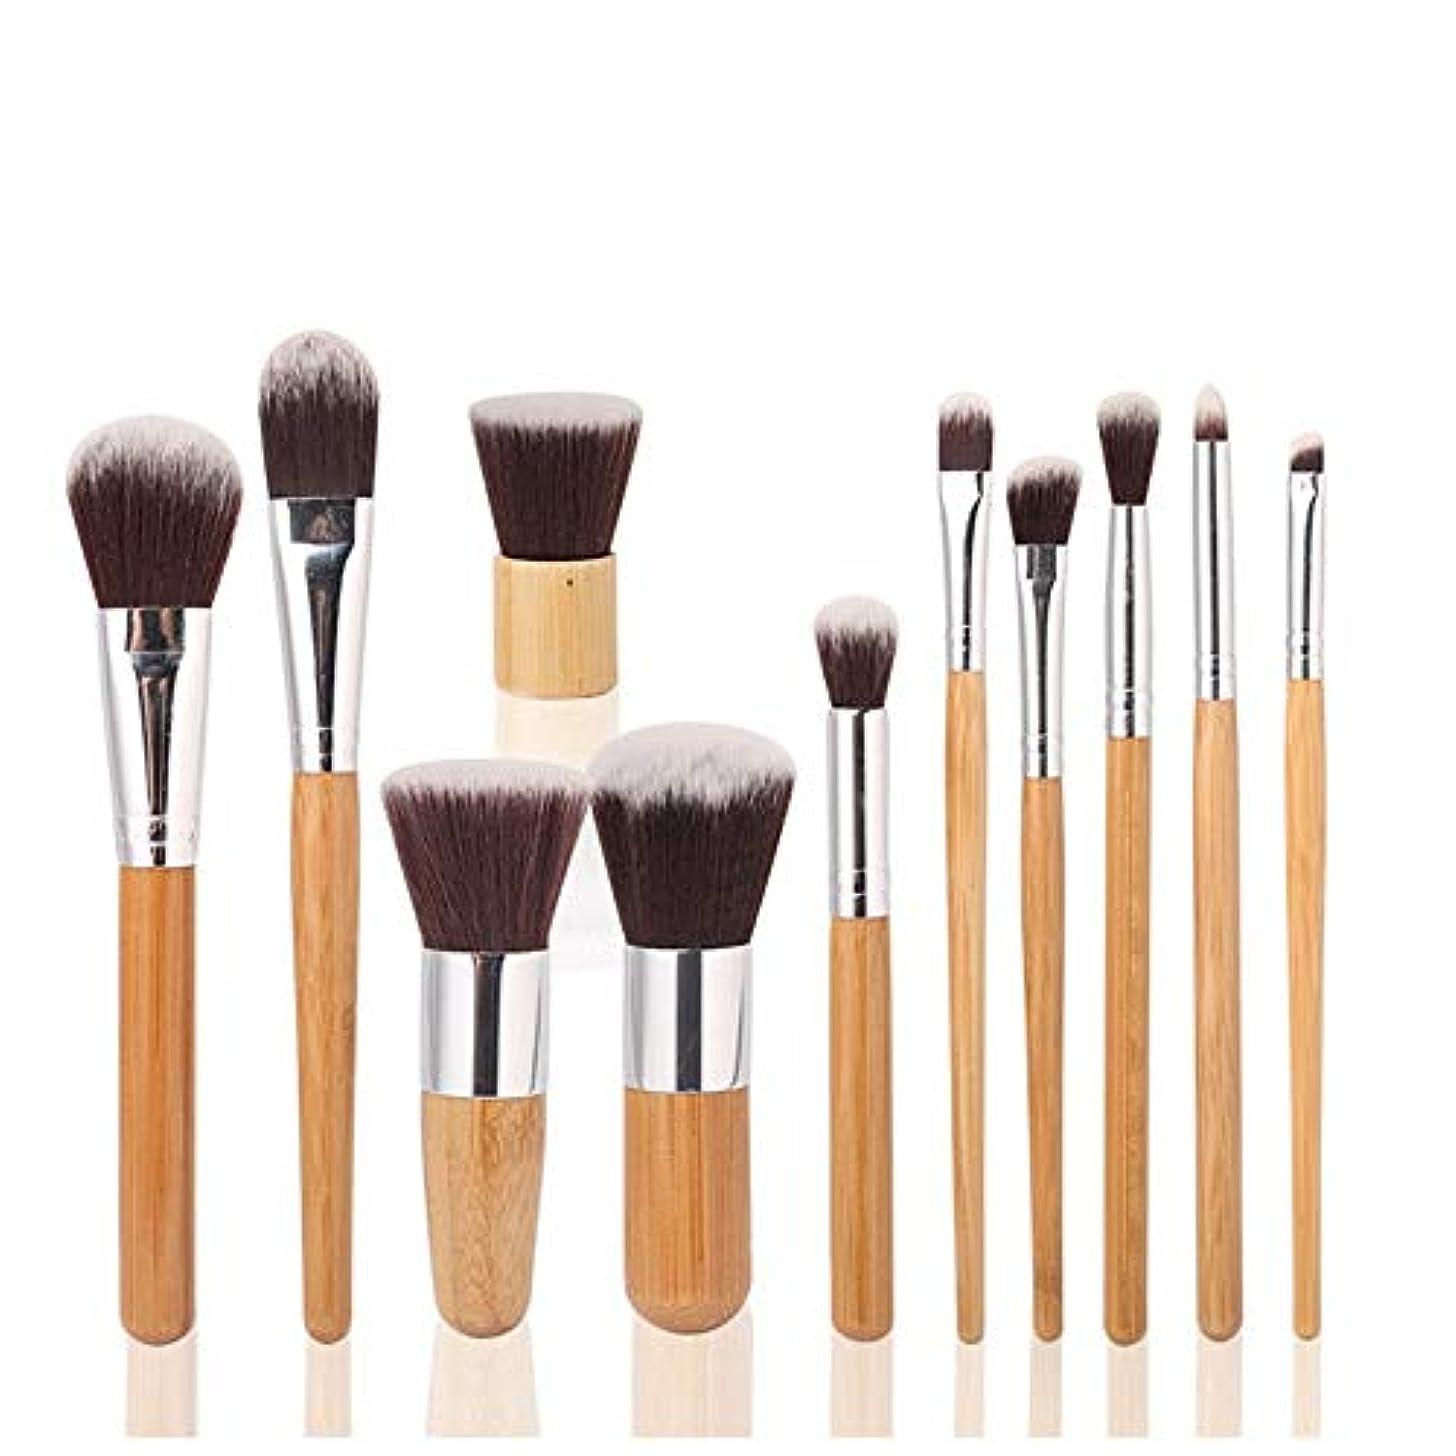 常に効率的にましいMakeup brushes 11竹ハンドル化粧ブラシツールポータブルセットコンシーラー美容化粧放電組み合わせリネンバッグを送信 suits (Color : Clear)